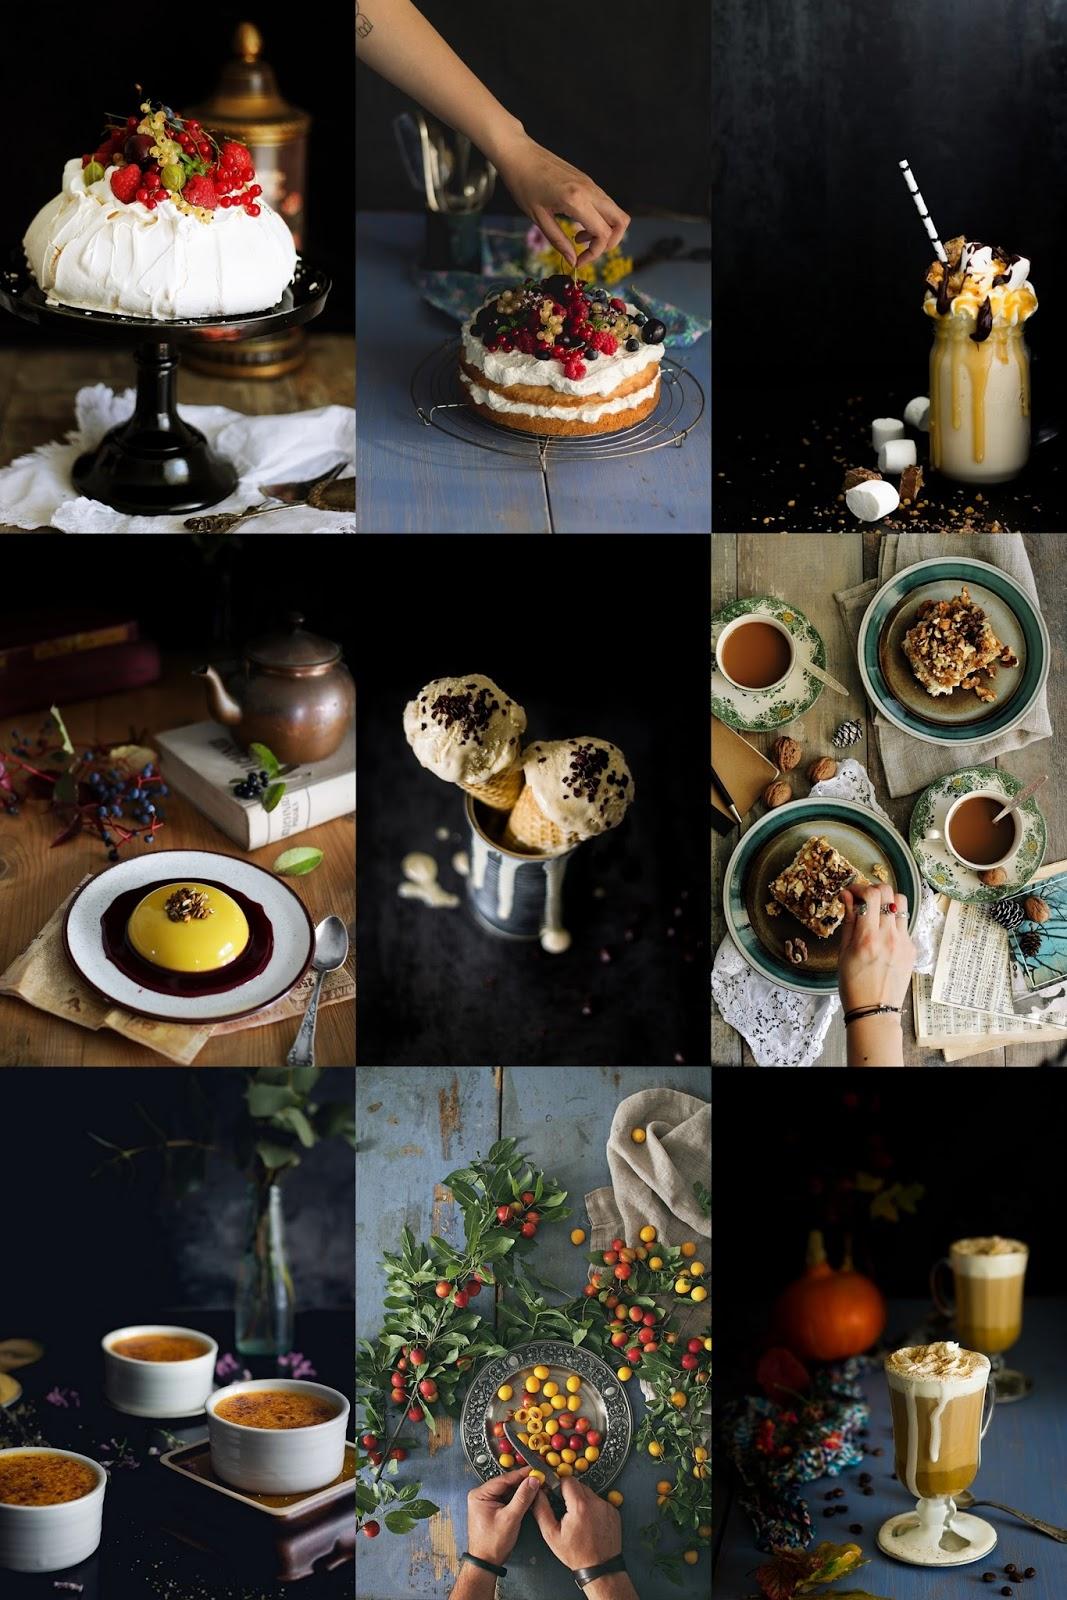 Jak robi zdjęcia Żaneta z bloga Cupcake Factory - Kulisy fotografii kulinarnej